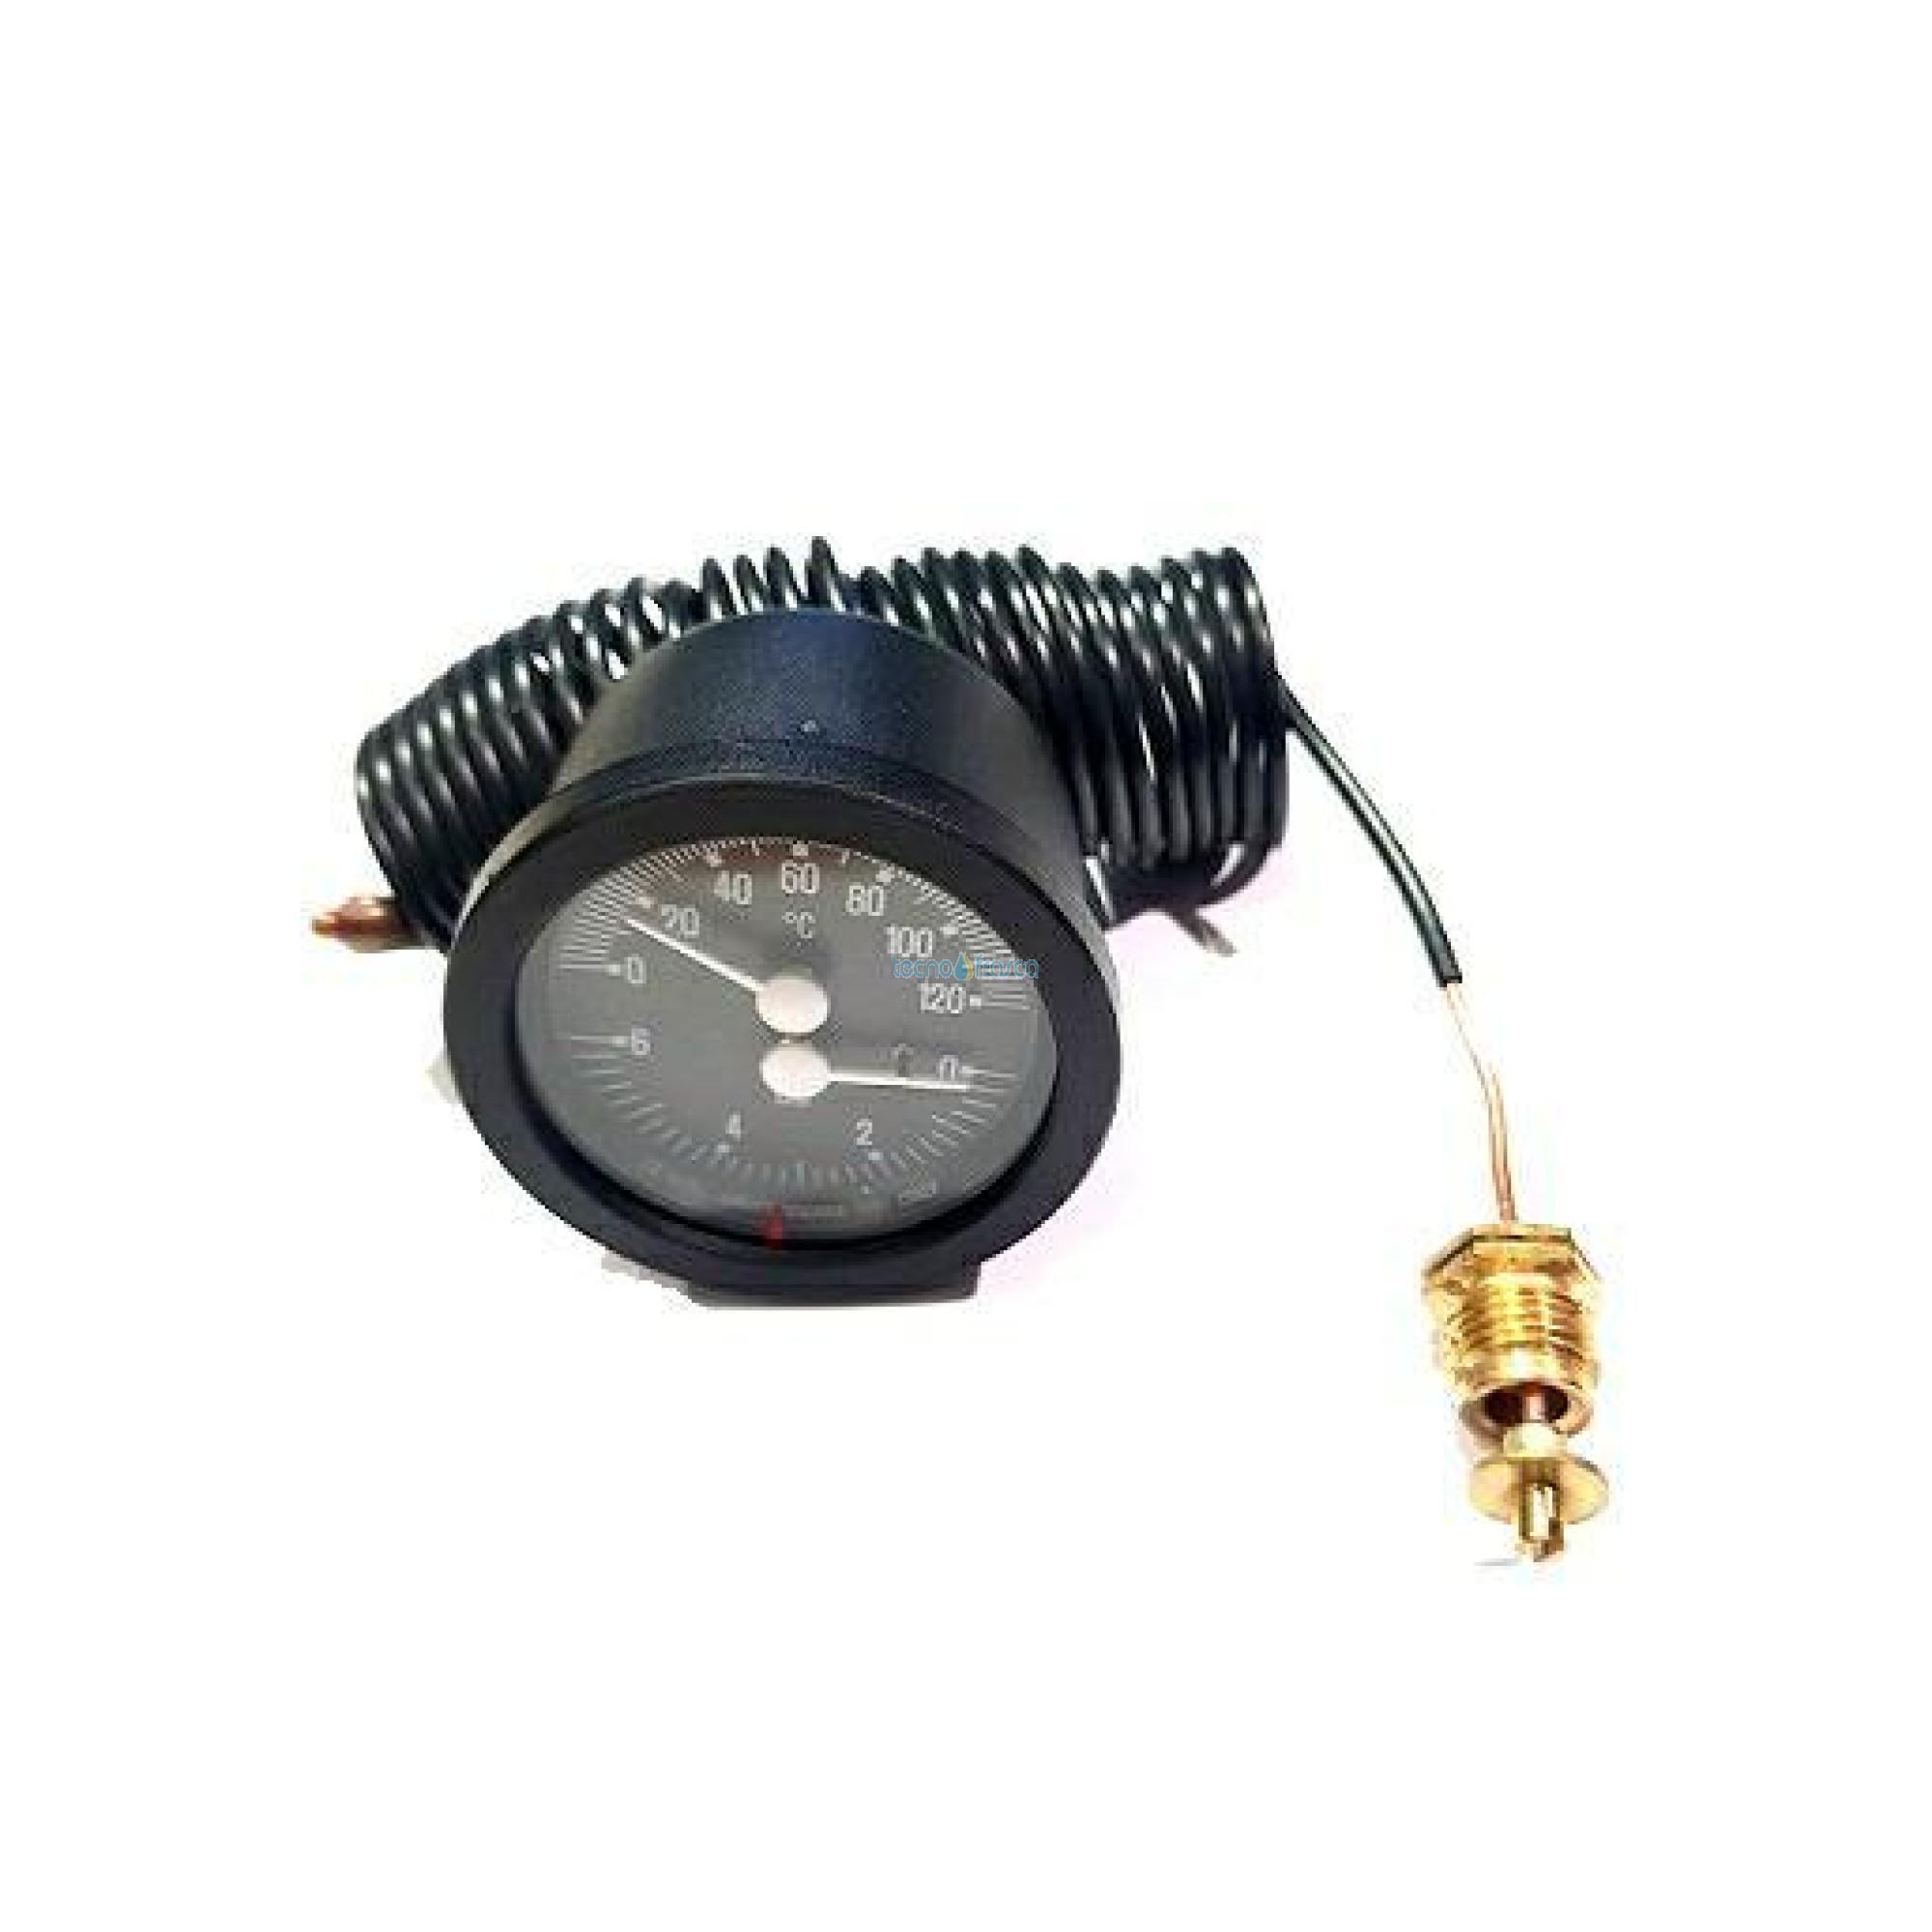 Termomanometro incasso d52 c/cap 1,5mt uen111157/n